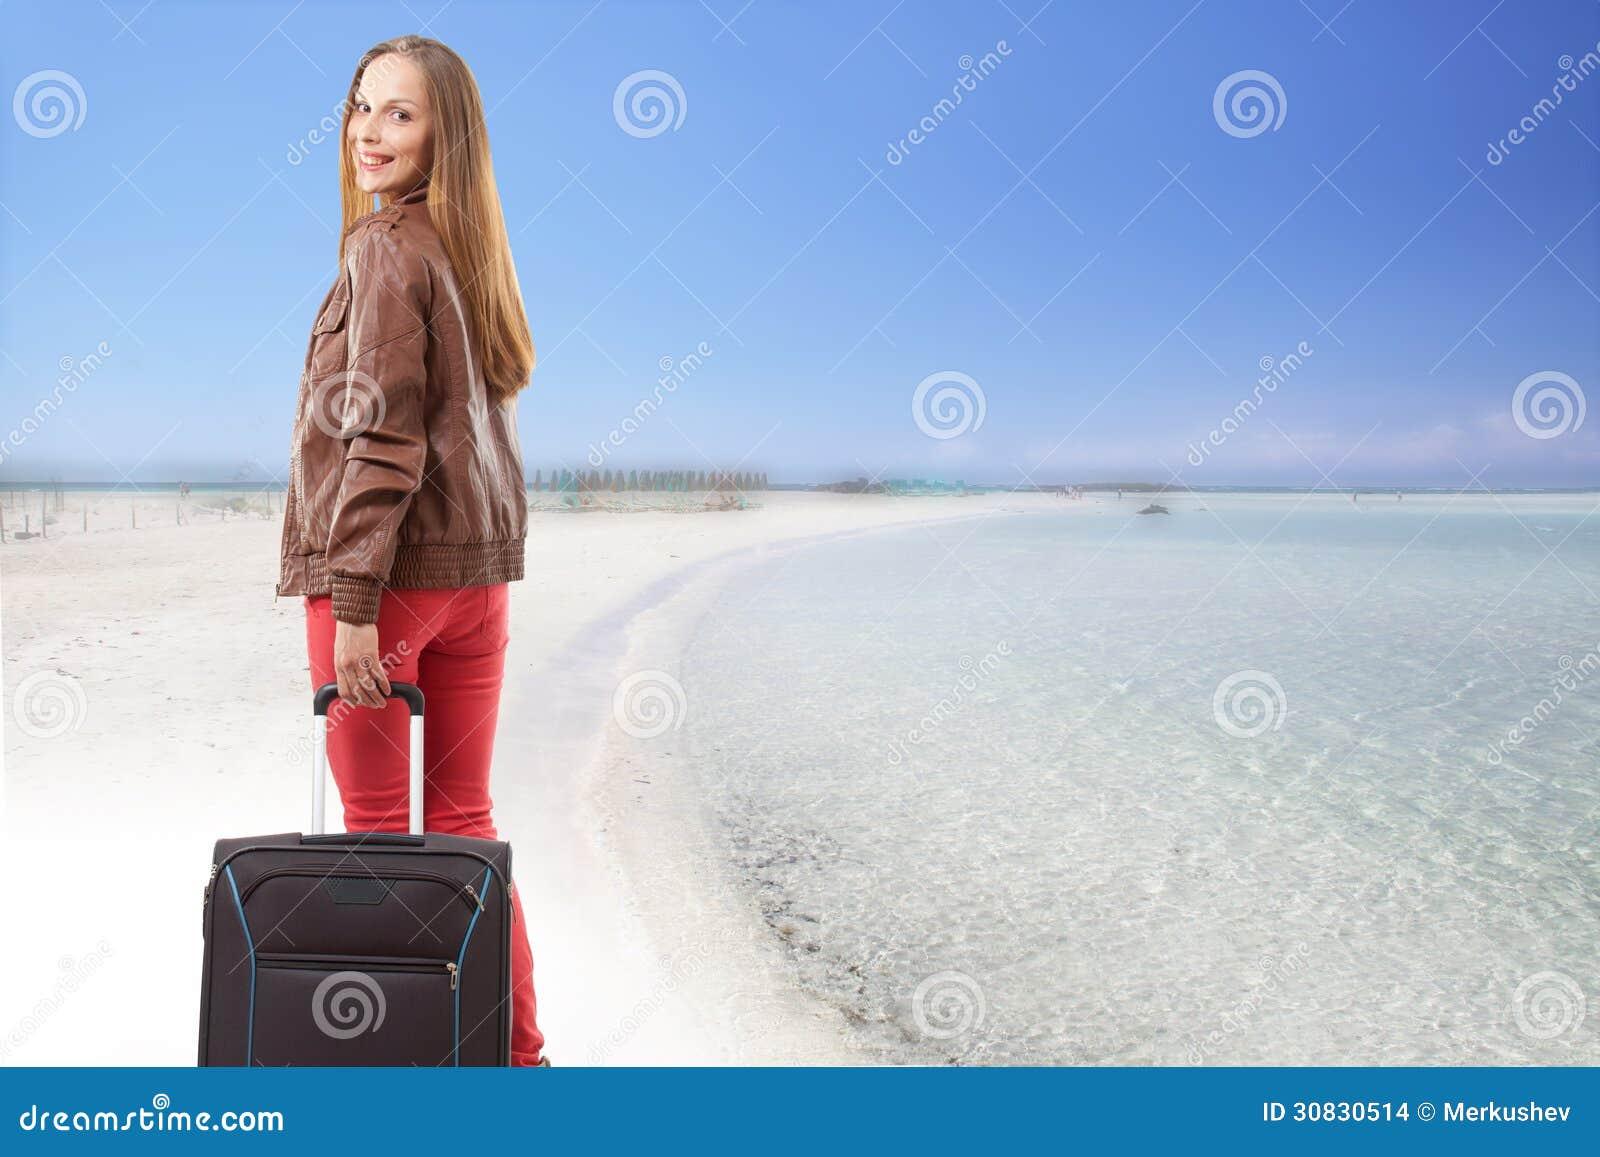 Donna con una valigia sulla spiaggia